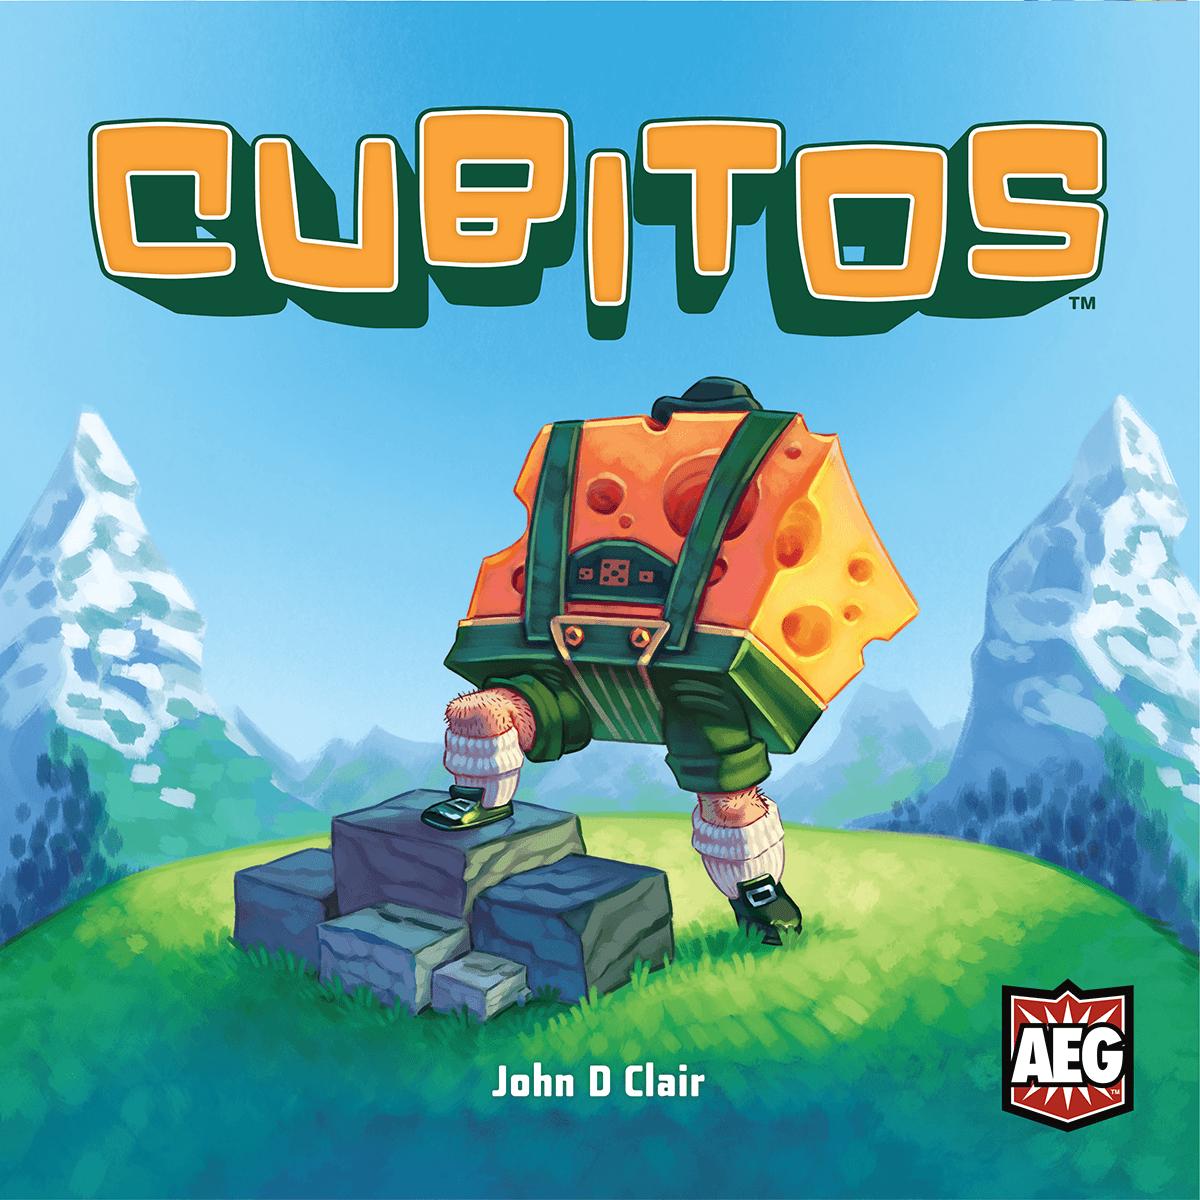 Cubitos en español